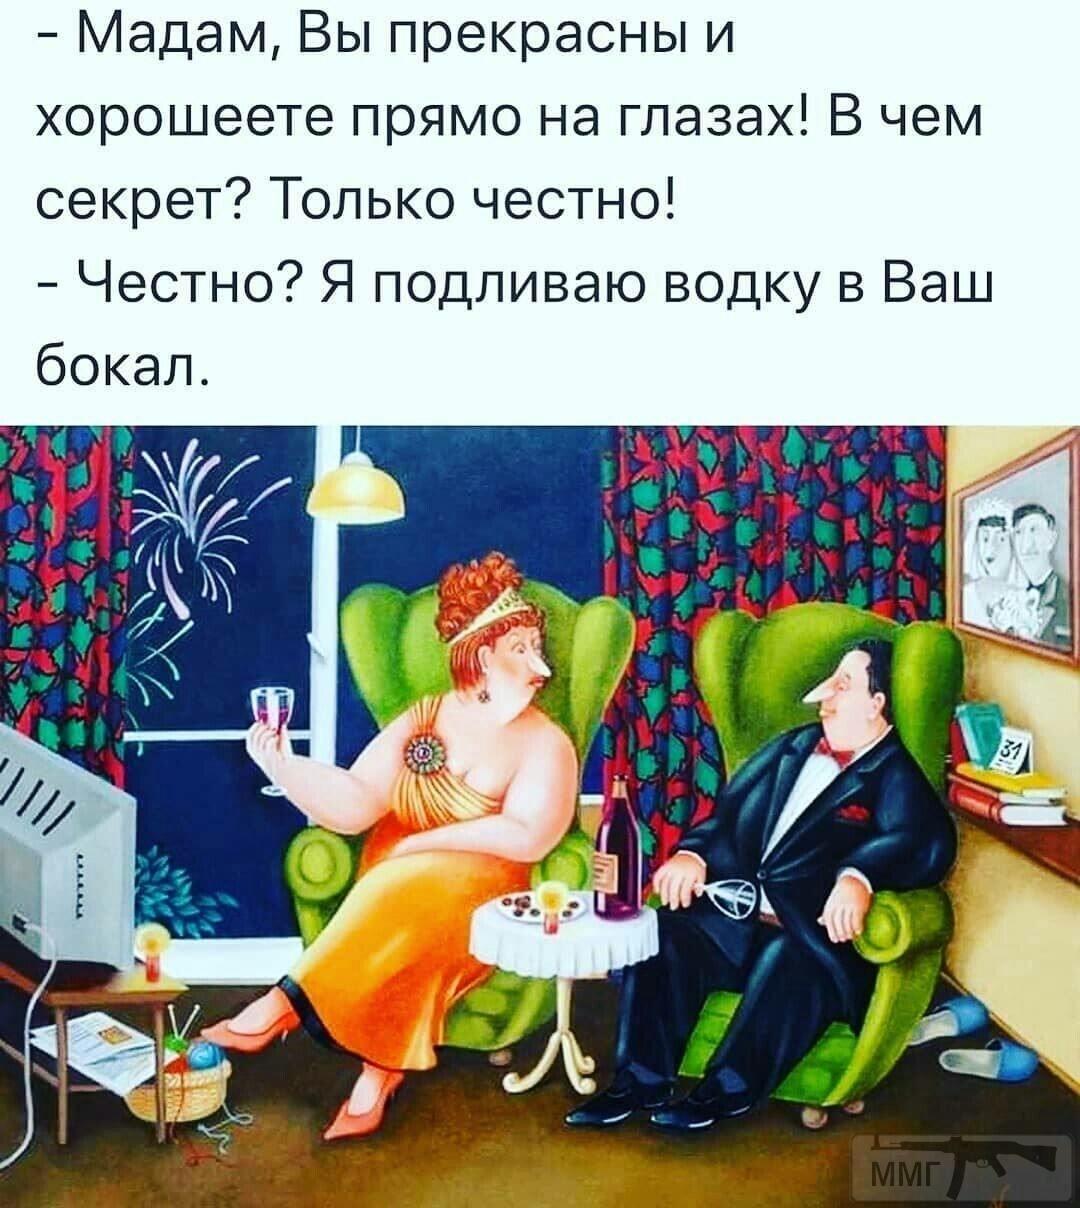 104852 - Пить или не пить? - пятничная алкогольная тема )))